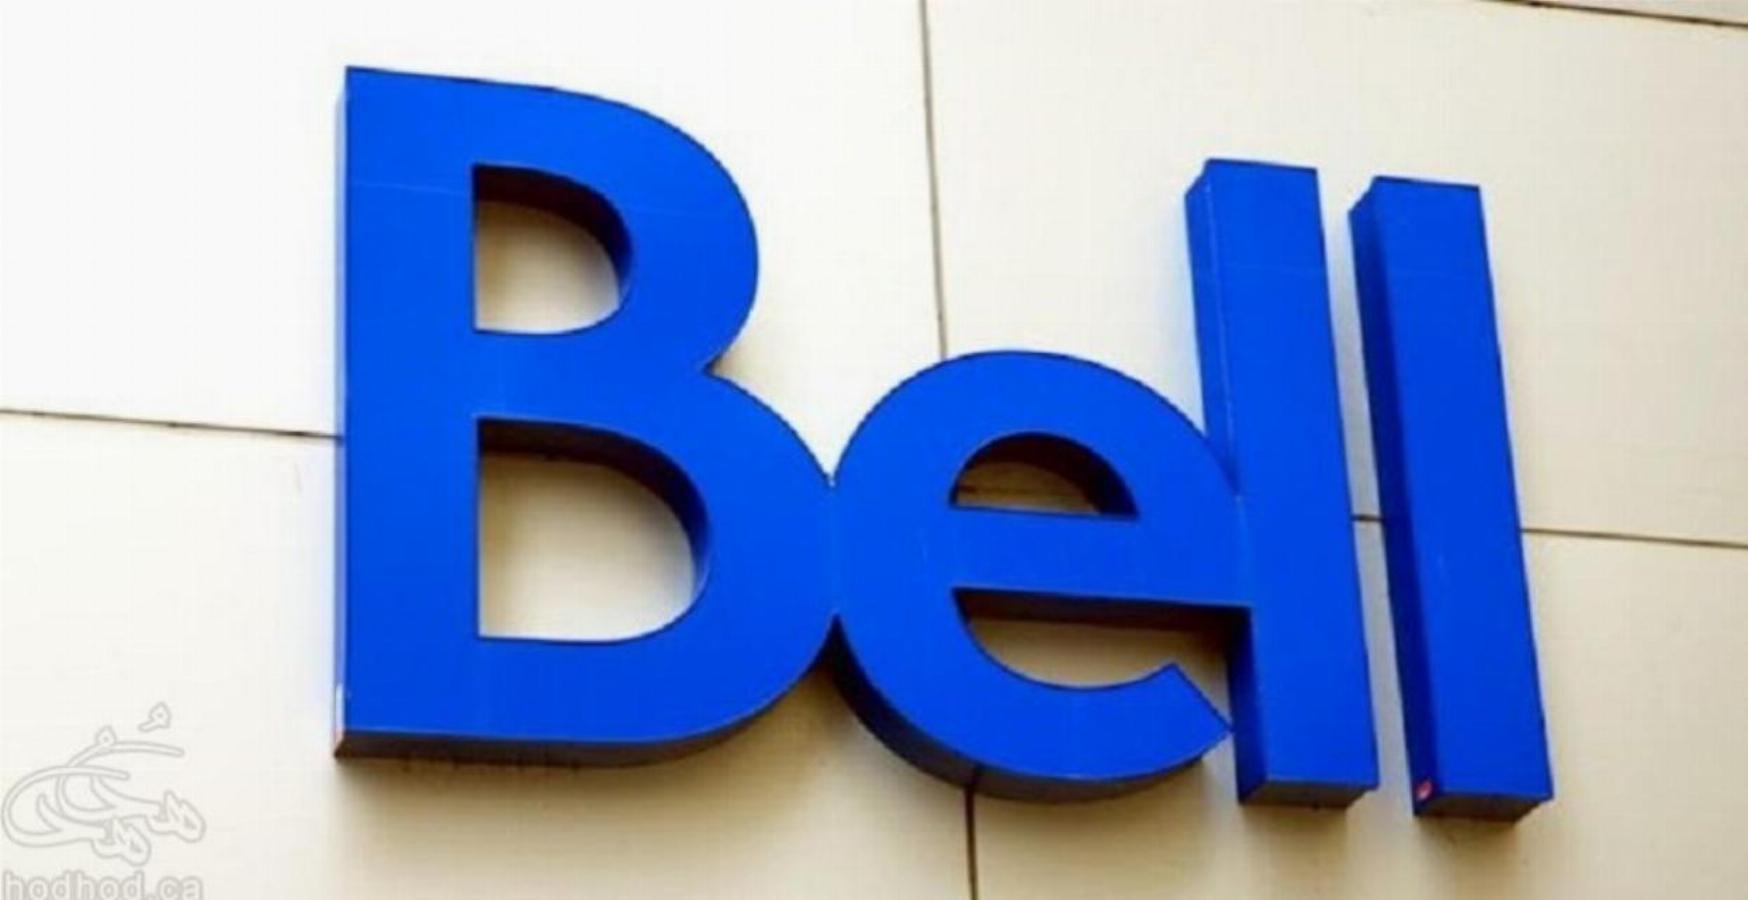 نوکیا و Bell اولین تست شبکه 5G را در کانادا اجرا میکنند